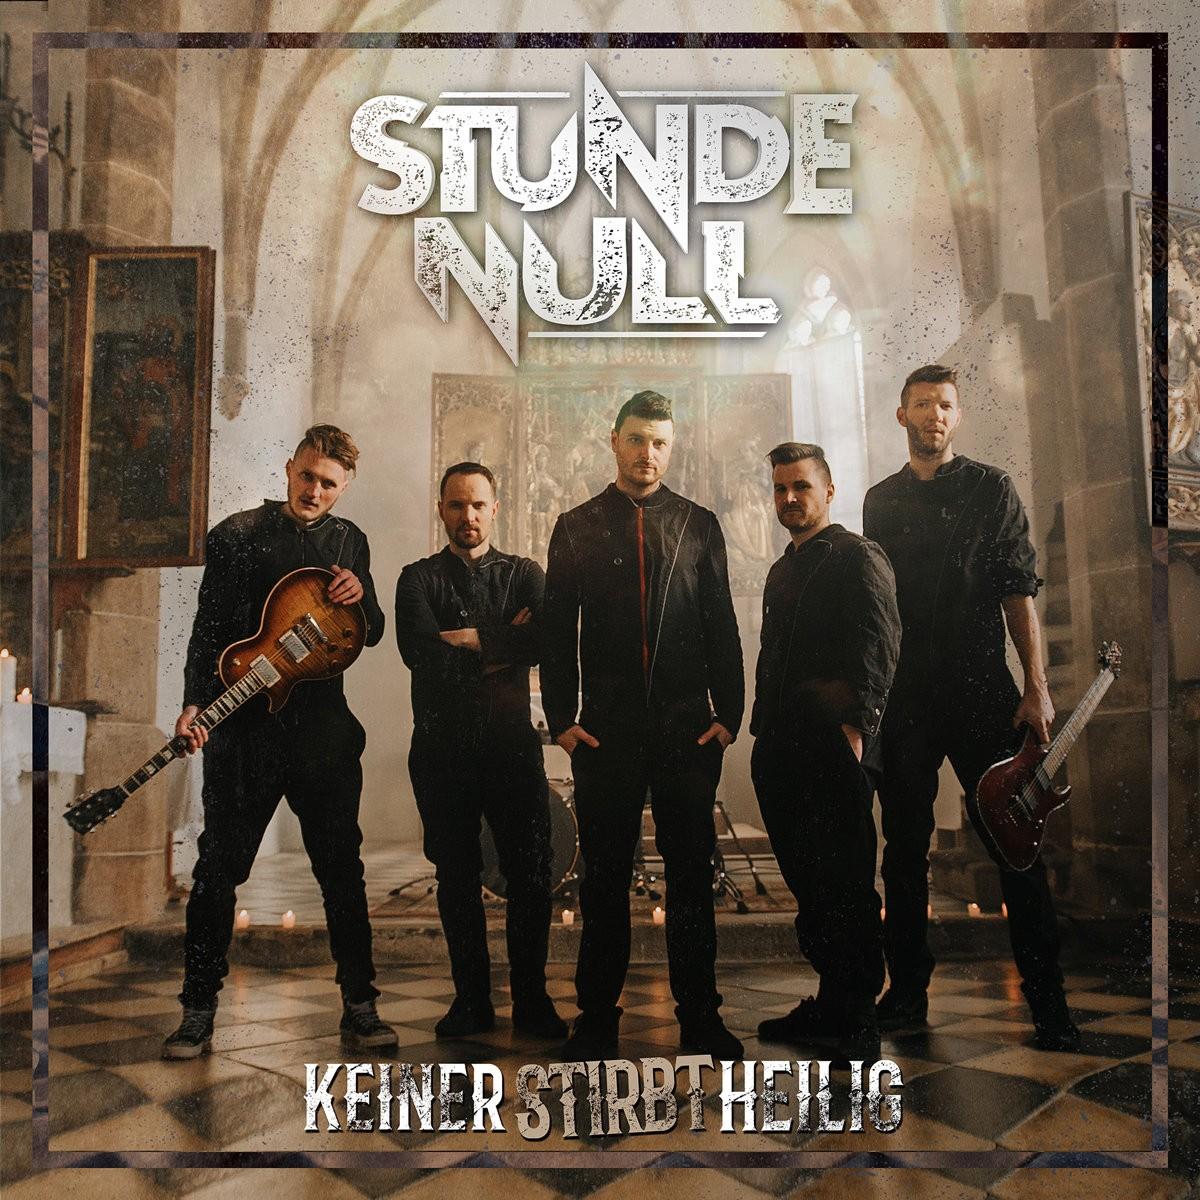 STUNDE NULL Band mit Musikvideo Keiner stirbt heilig